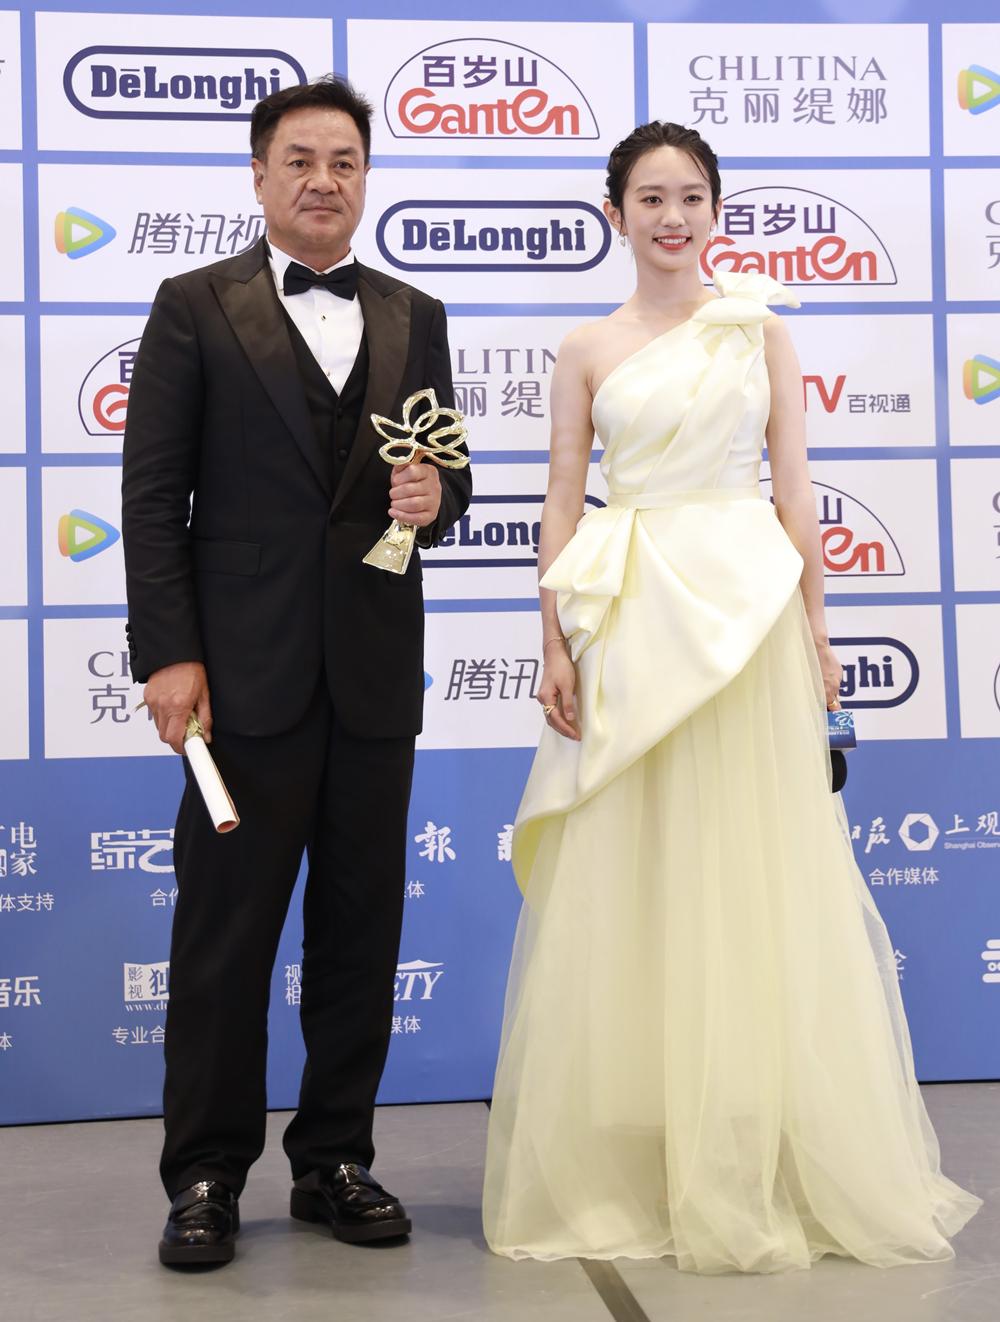 尤勇智、黄尧分获最佳男、女配角奖。摄影 薛松